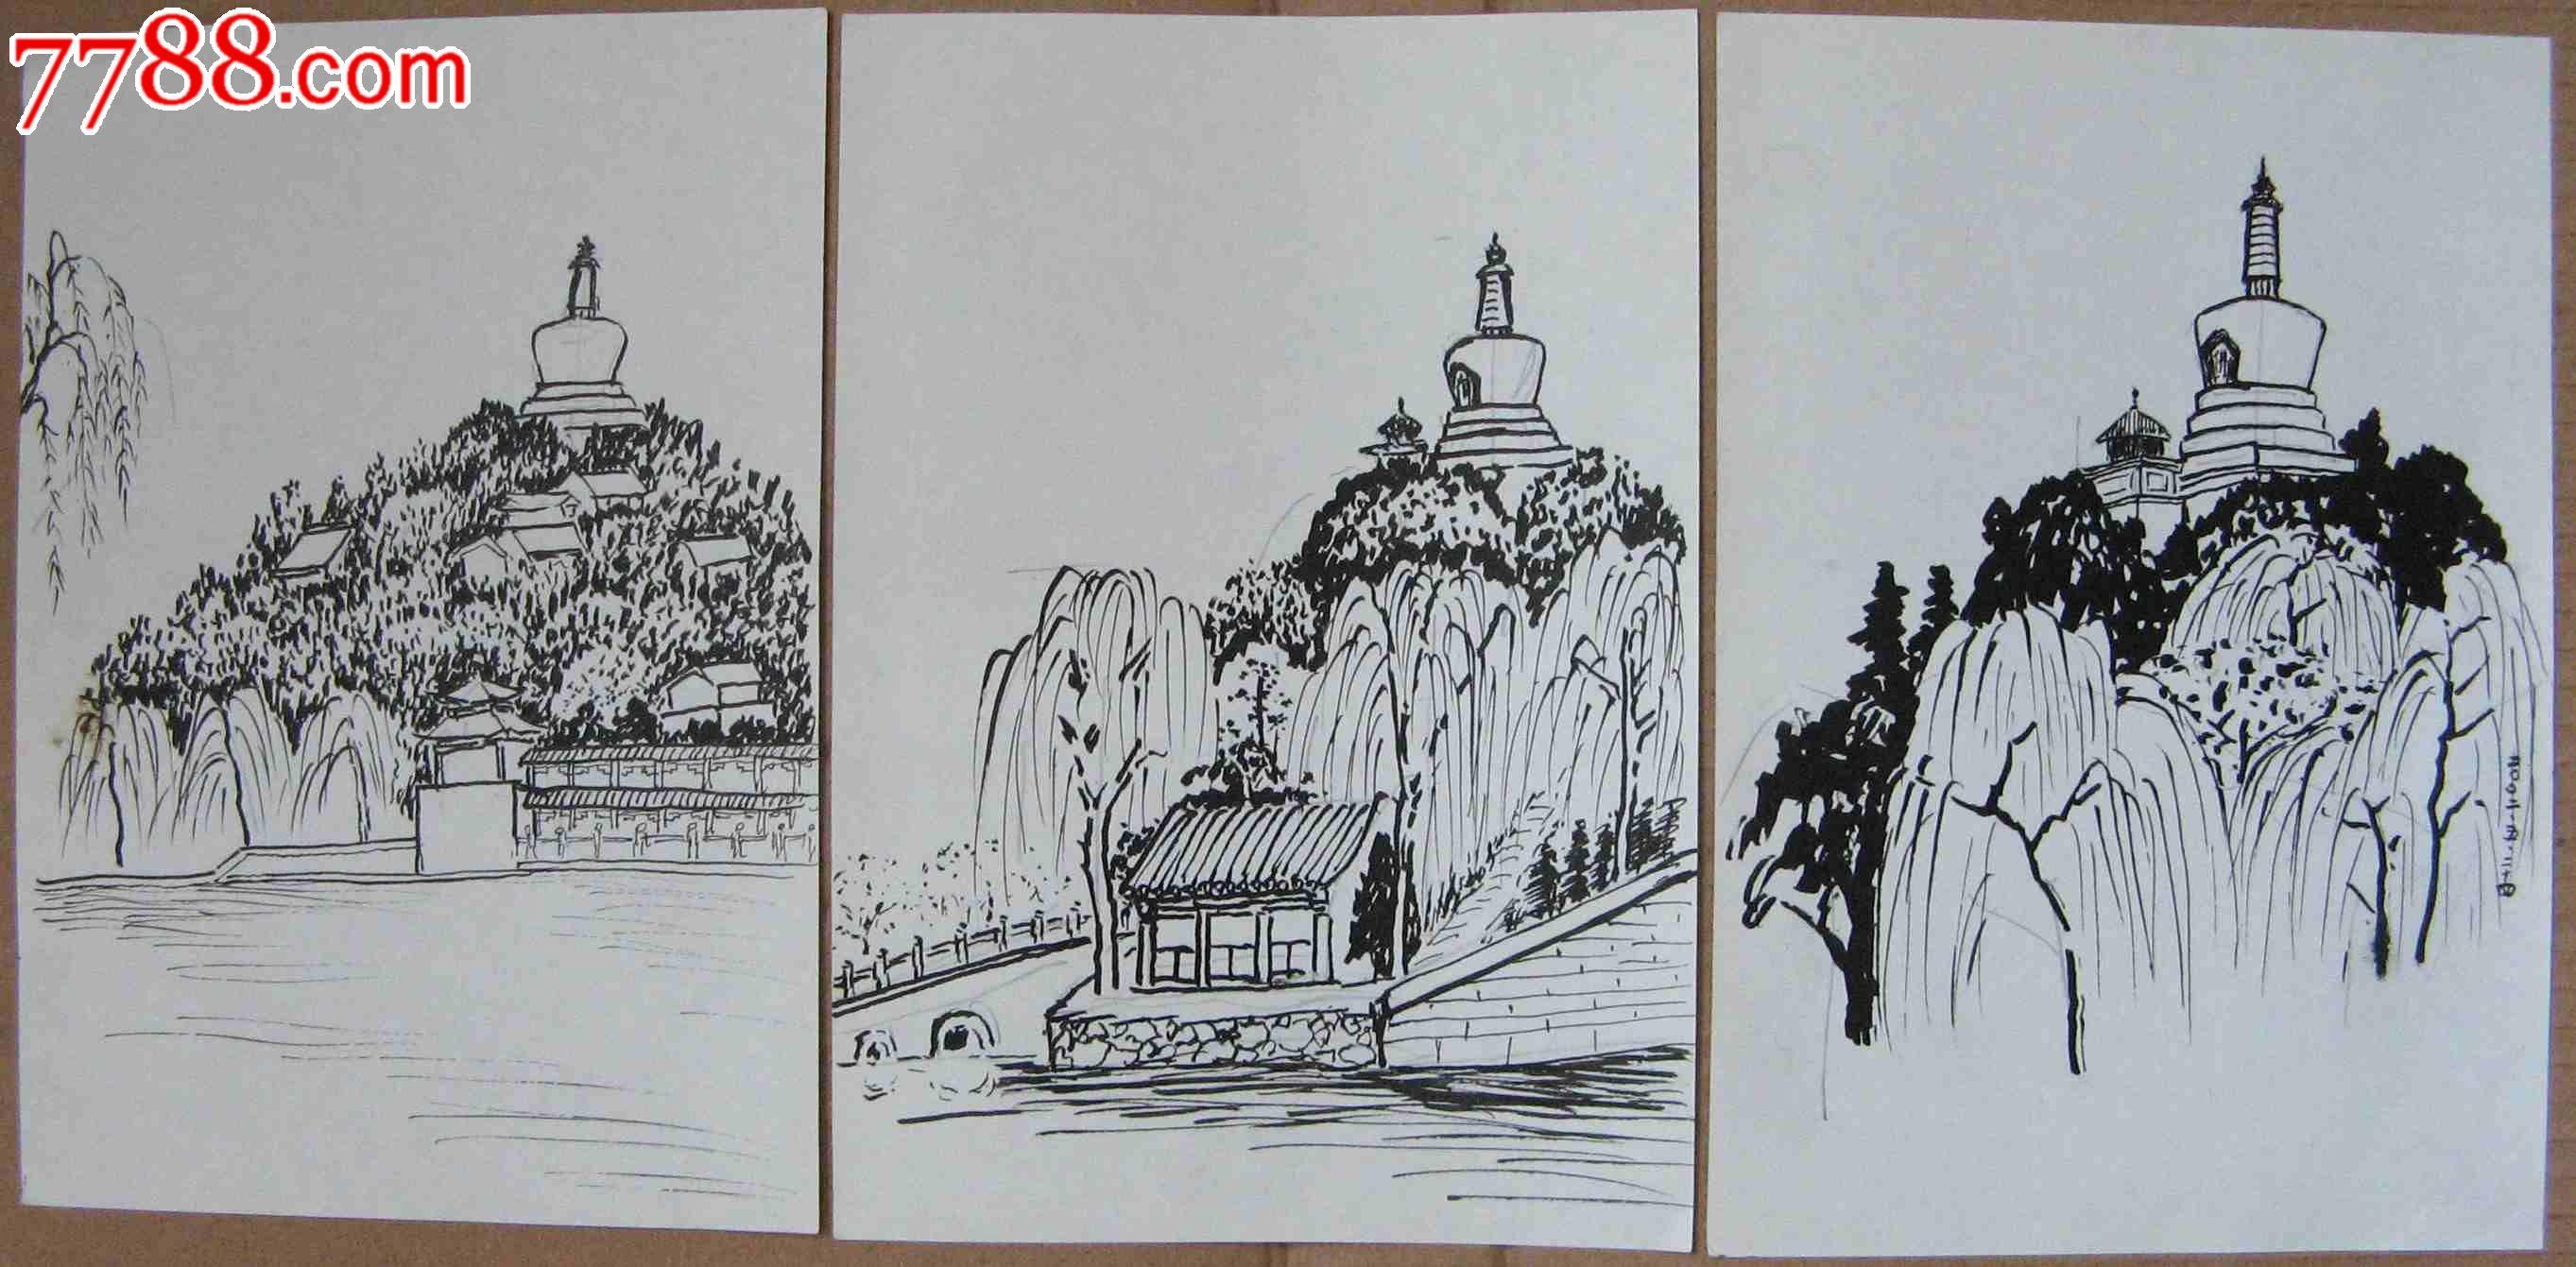 画家素描画稿风景建筑画北京北海白塔3幅